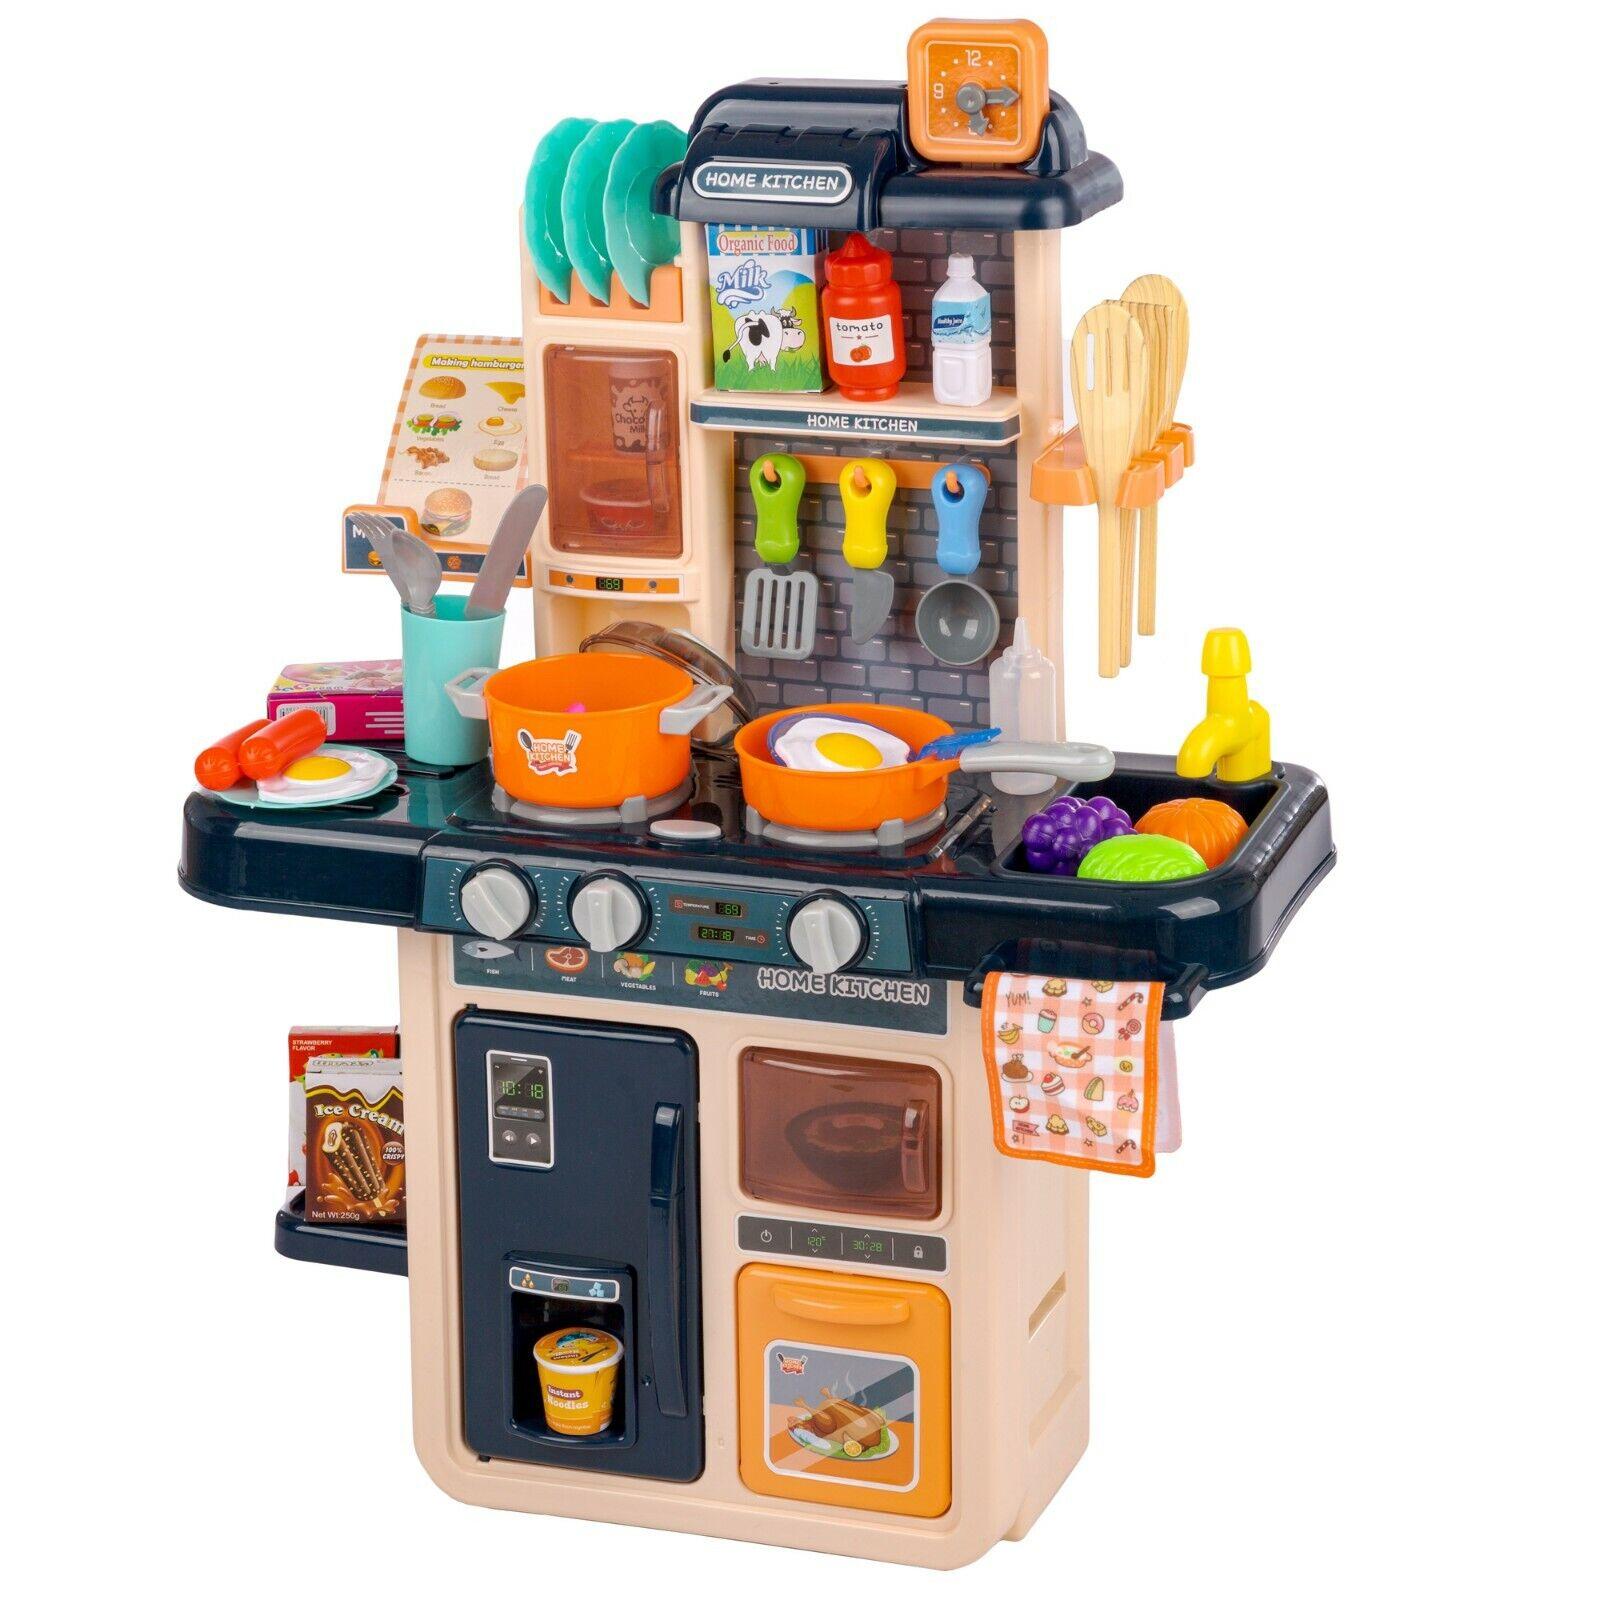 Kinderküche Spielküche Spielzeug Zubehör Küche KP5448 mit Zubehör Zubehörteile N